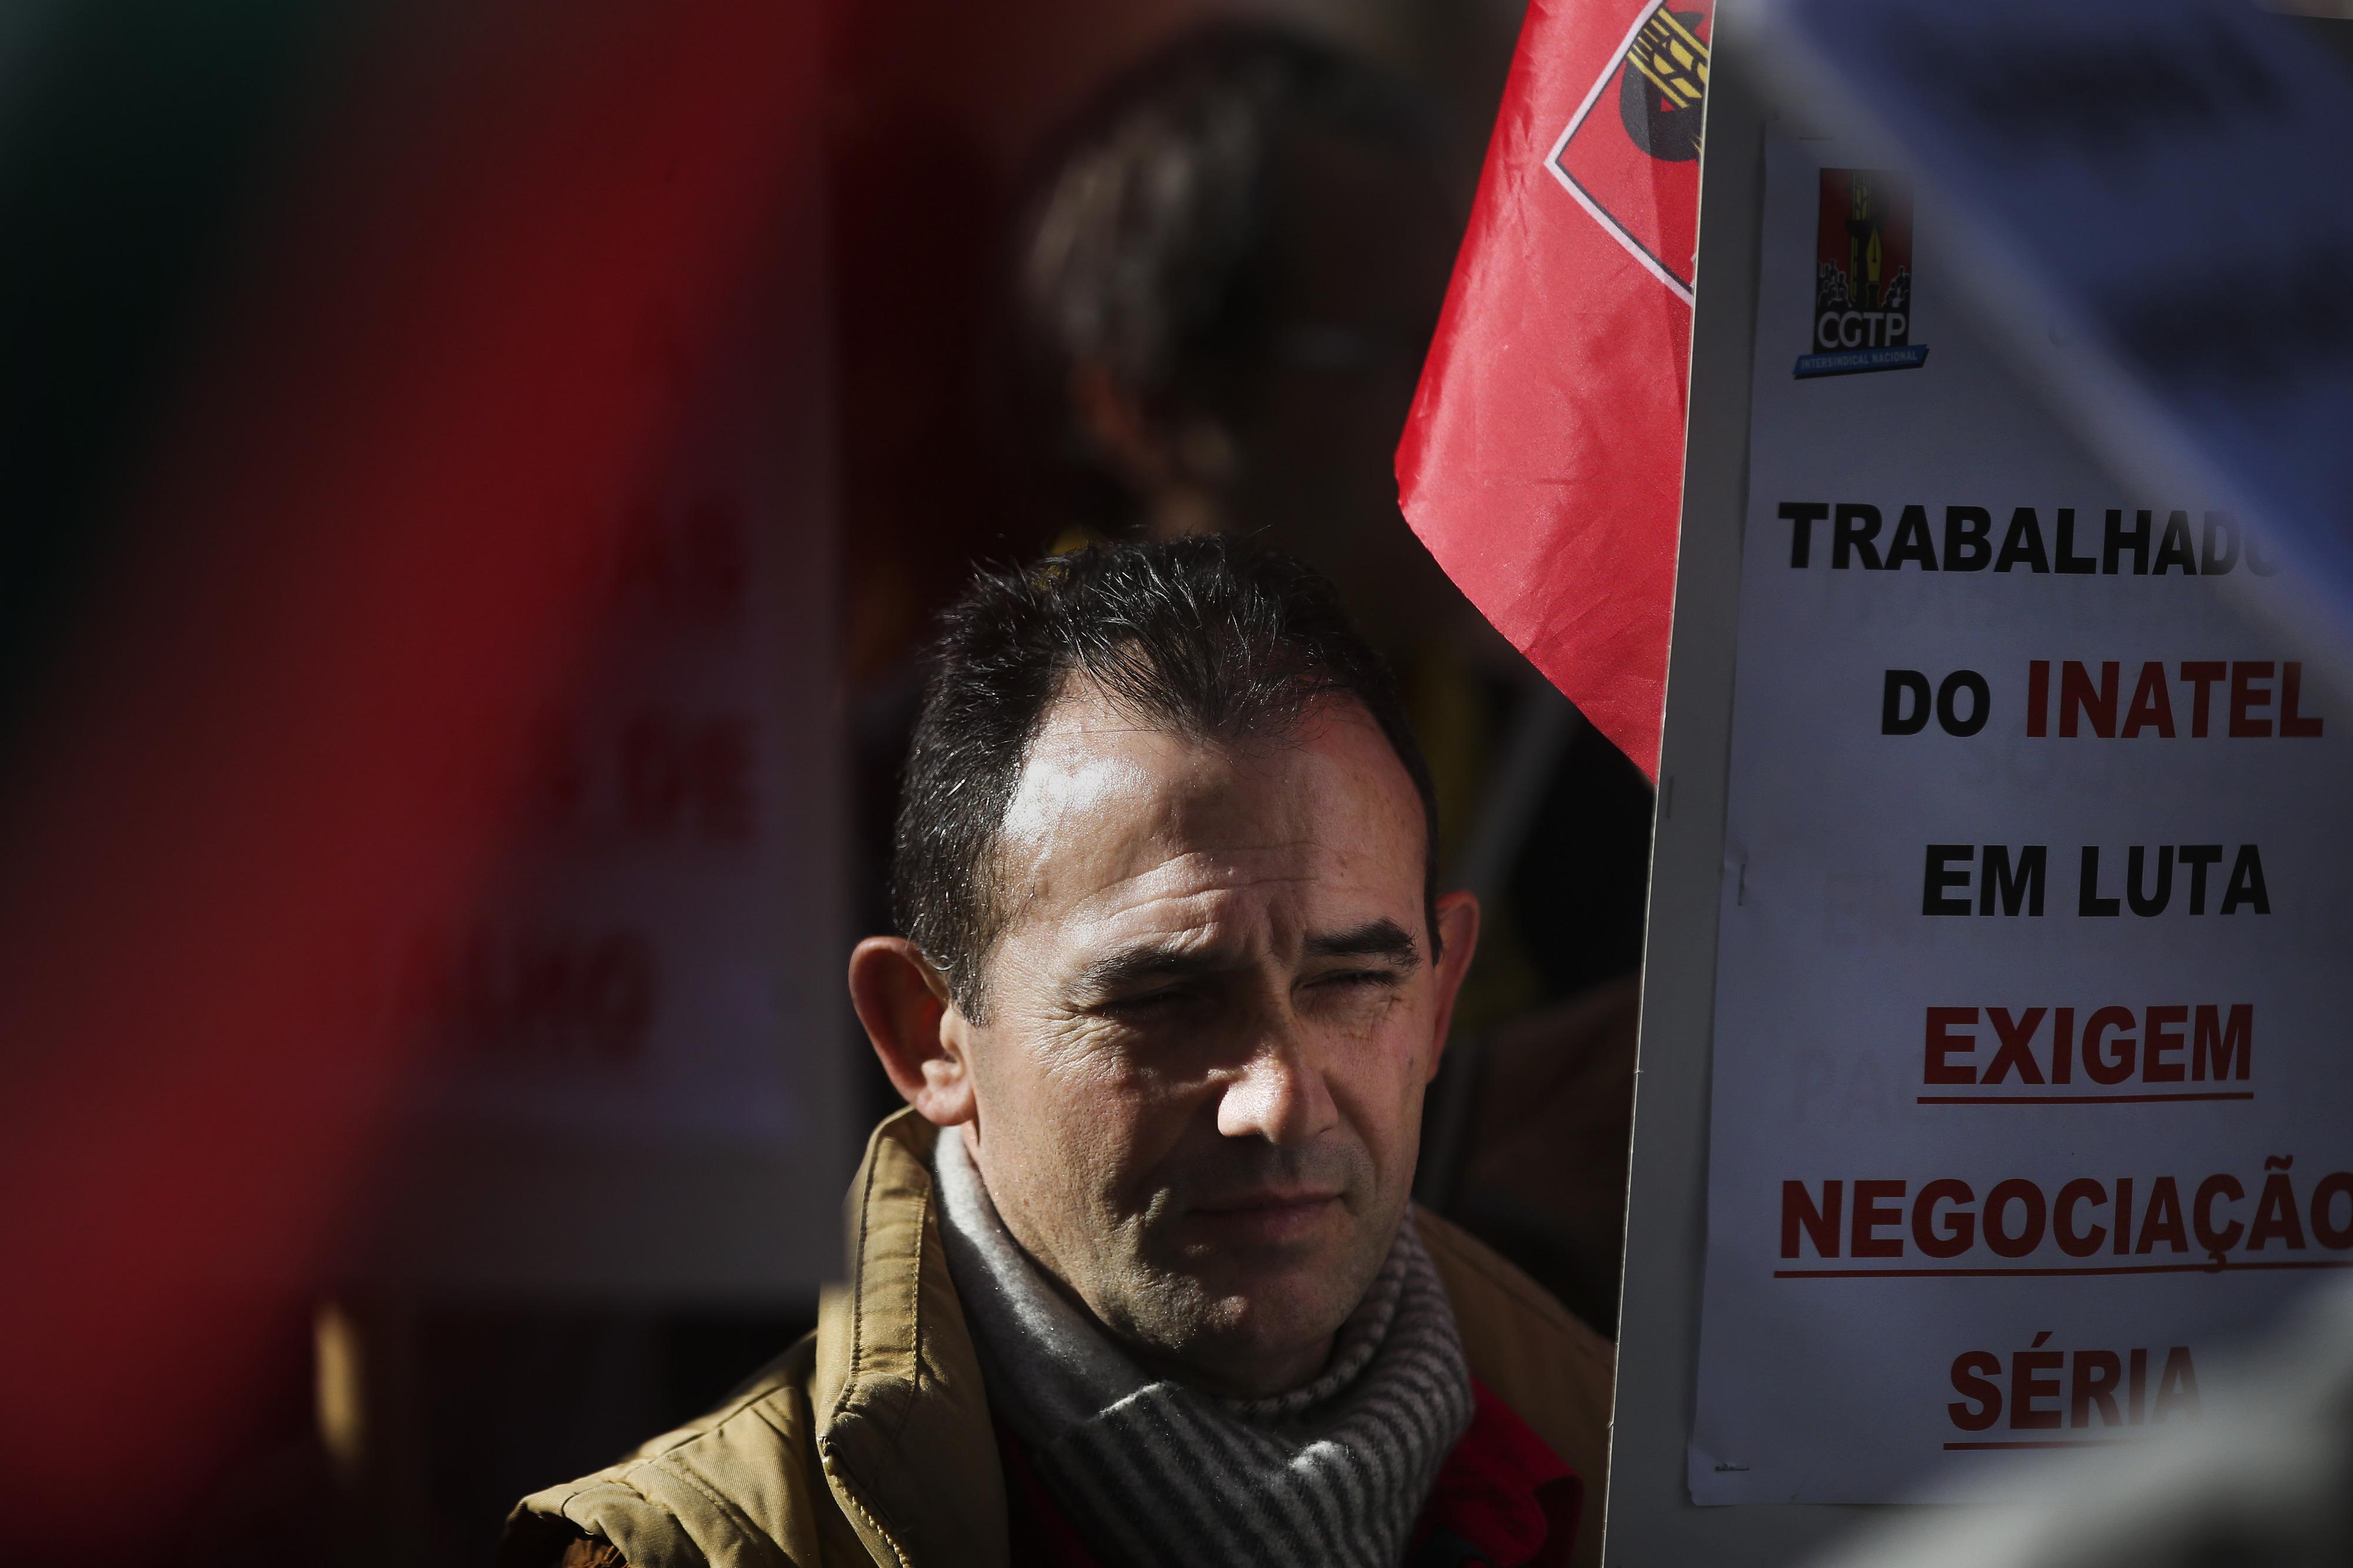 Trabalhadores da Inatel aprovam moção a exigir que negociações comecem a 14 de dezembro